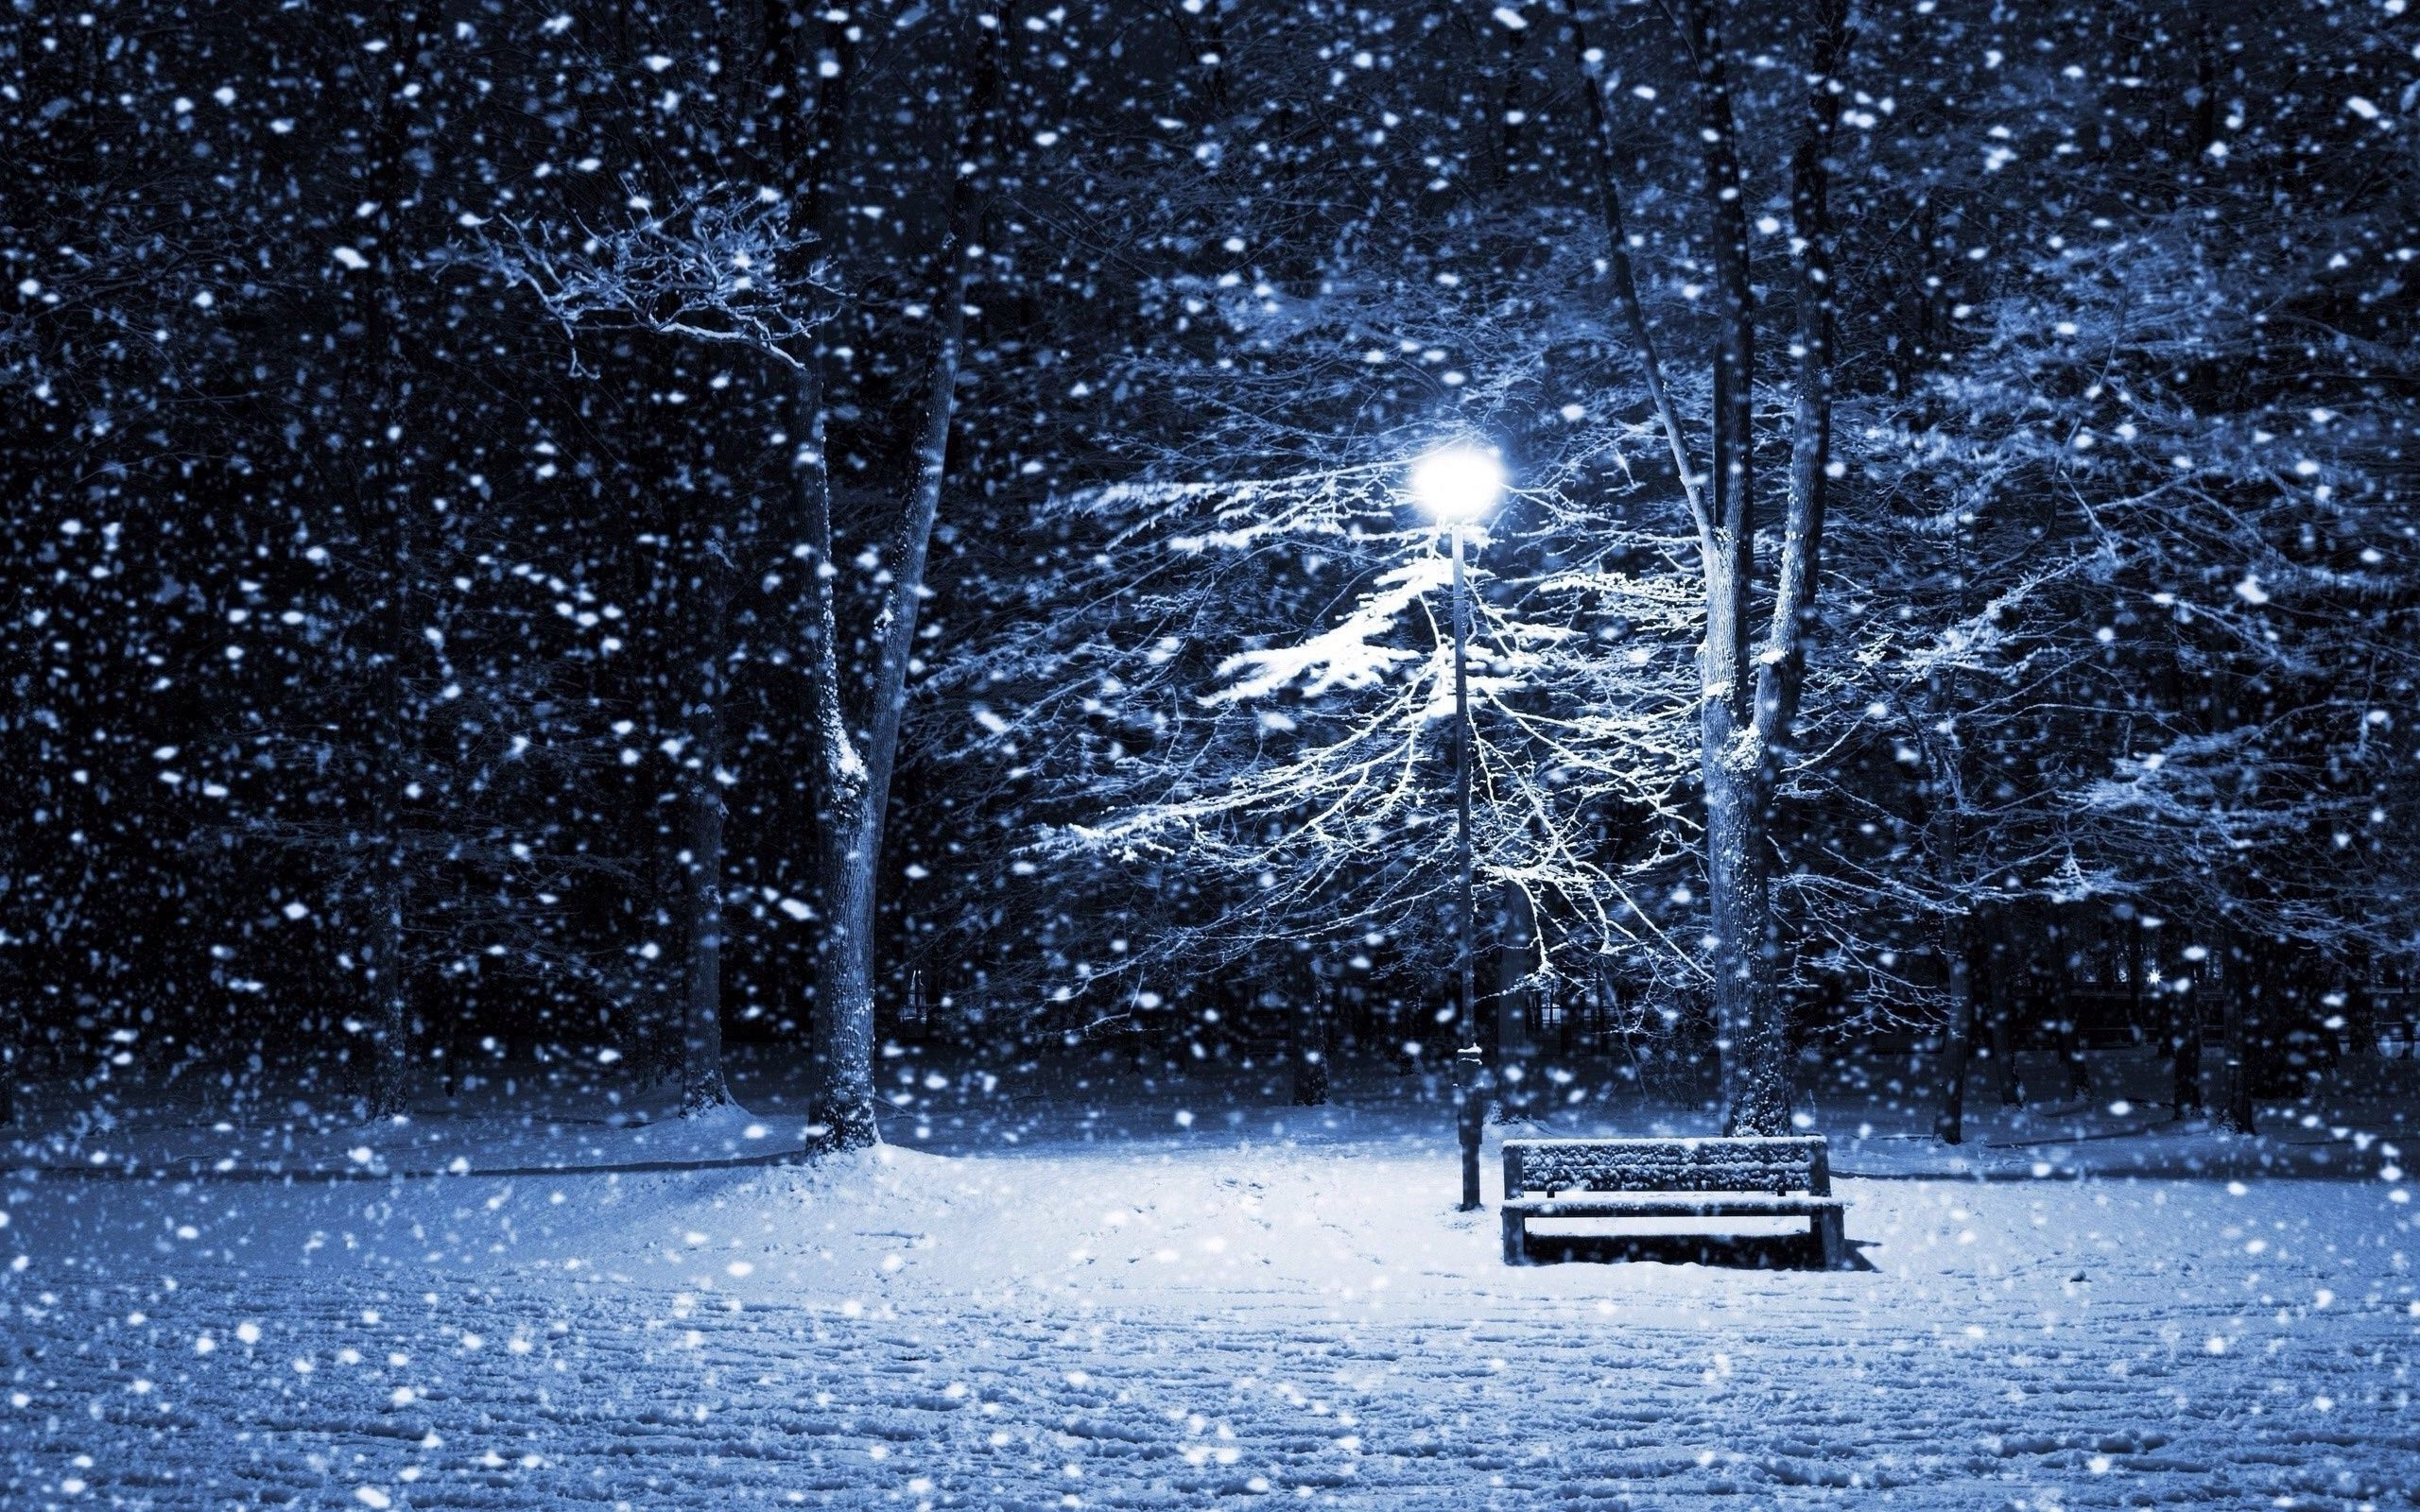 Snowy Night Winter Wallpaper Hd Winter Wallpaper Winter Landscape